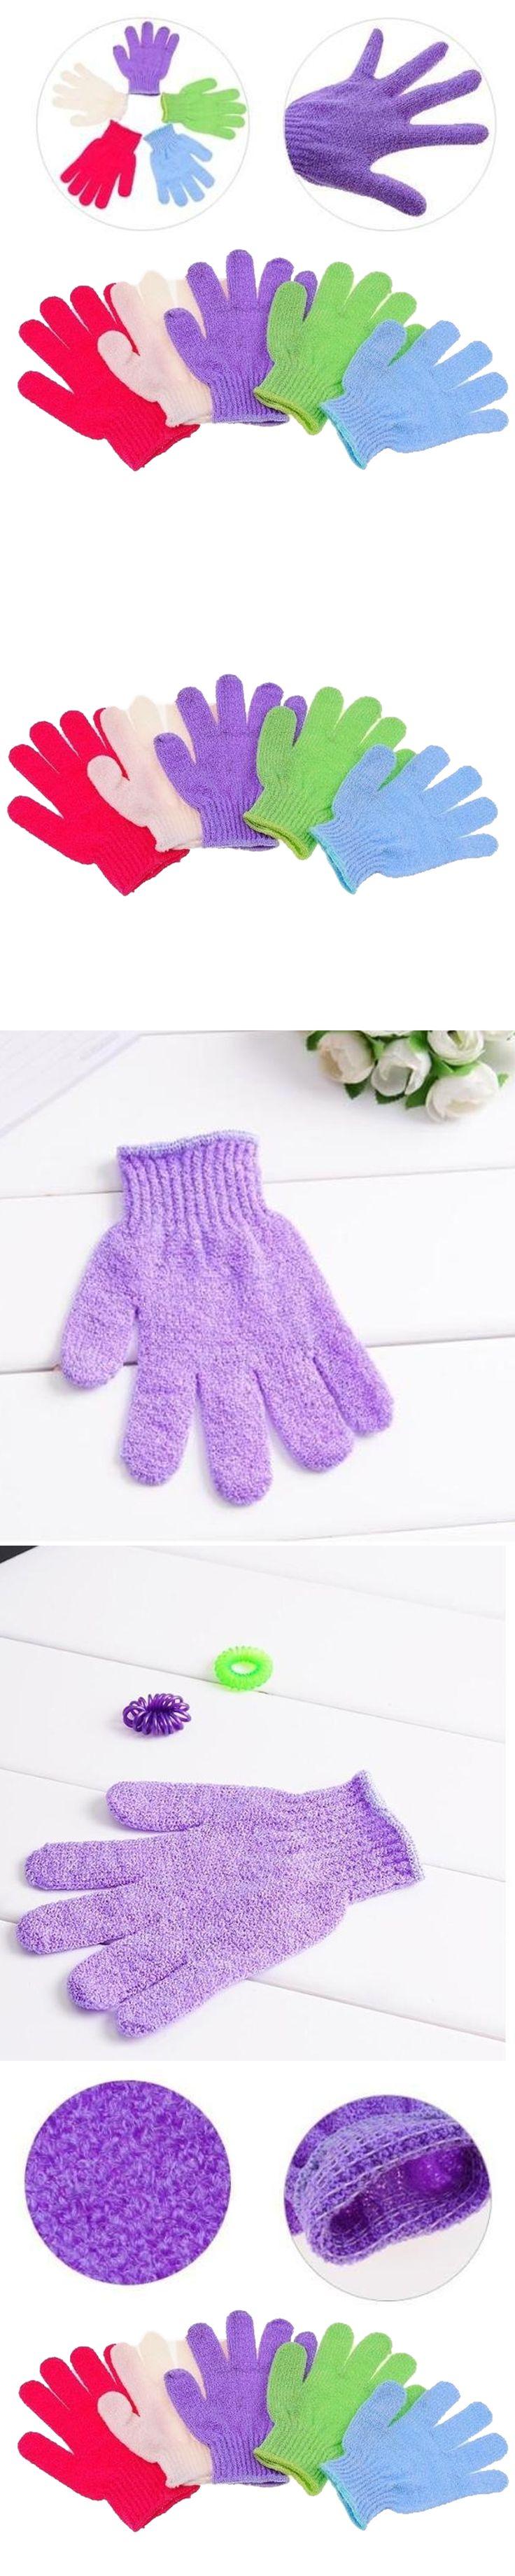 Hot 1PC Shower Bath Gloves Exfoliating Wash Skin Spa Massage Body Scrubber Cleaner Bath Glove